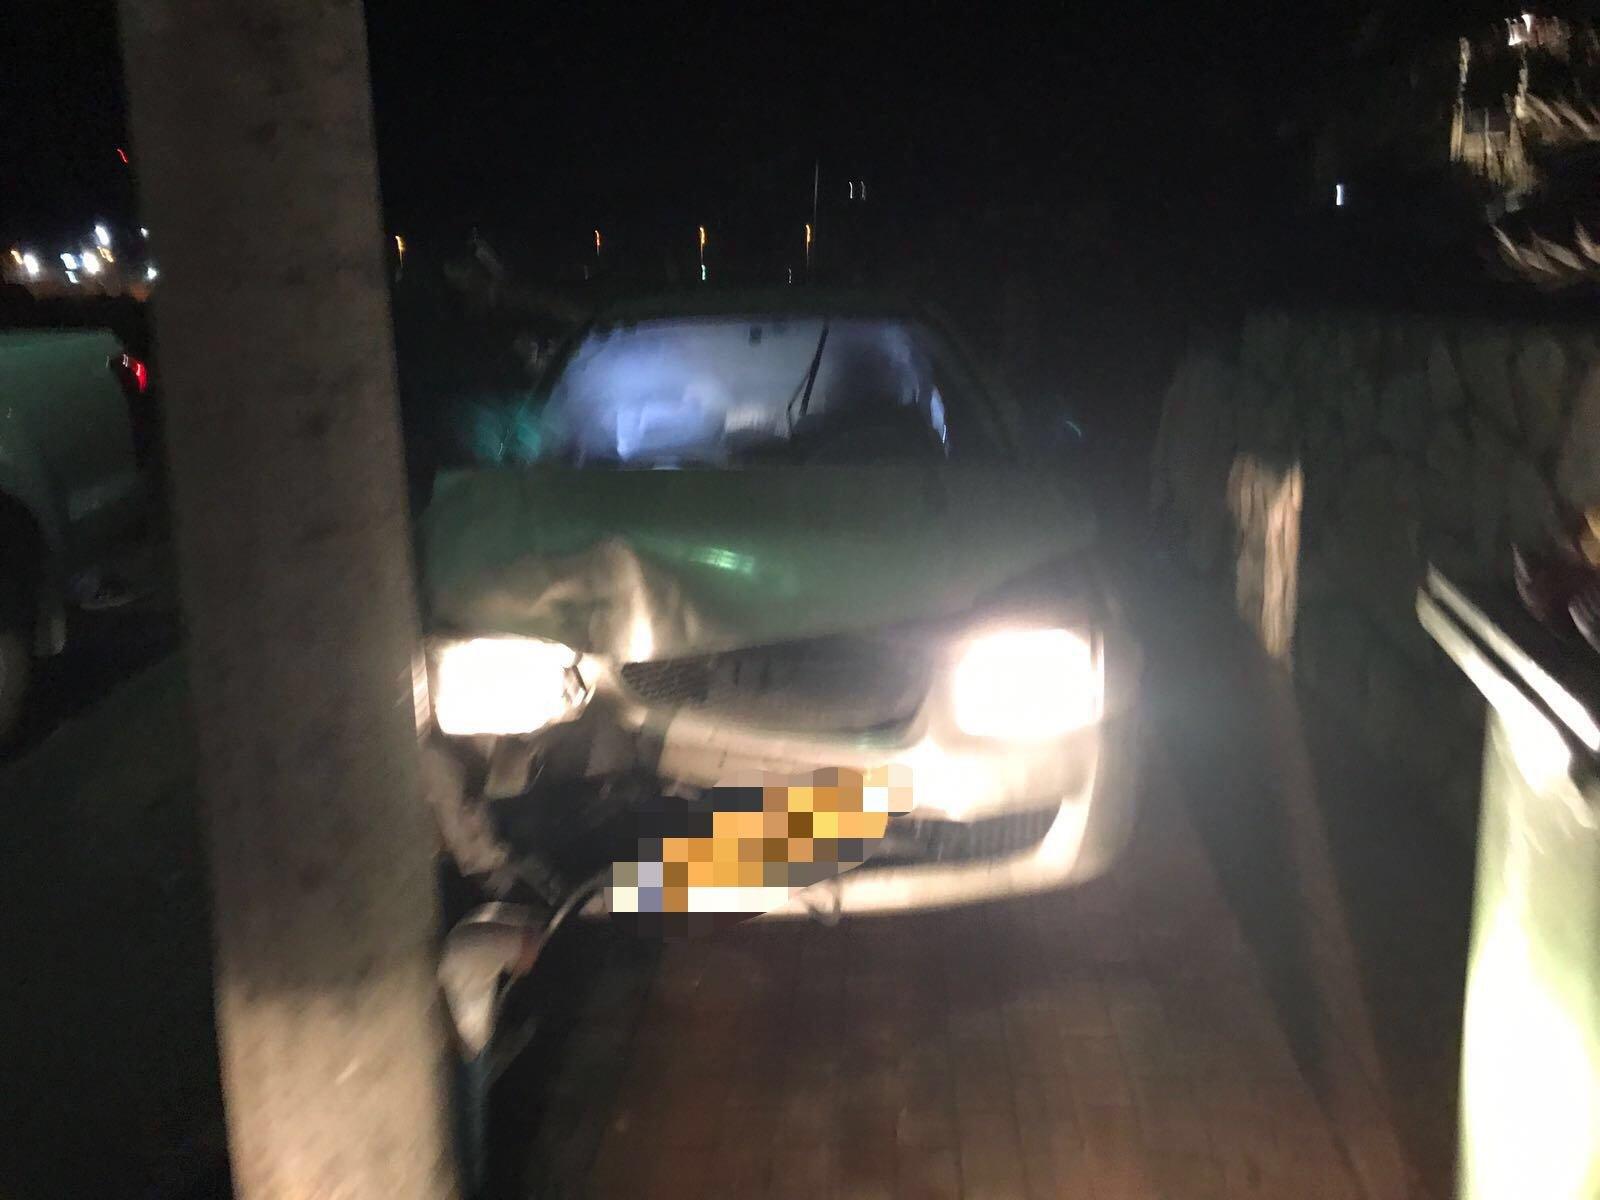 اعتقال أفراد عصابة لسرقة المواشي من ام الفحم وجسر الزرقا